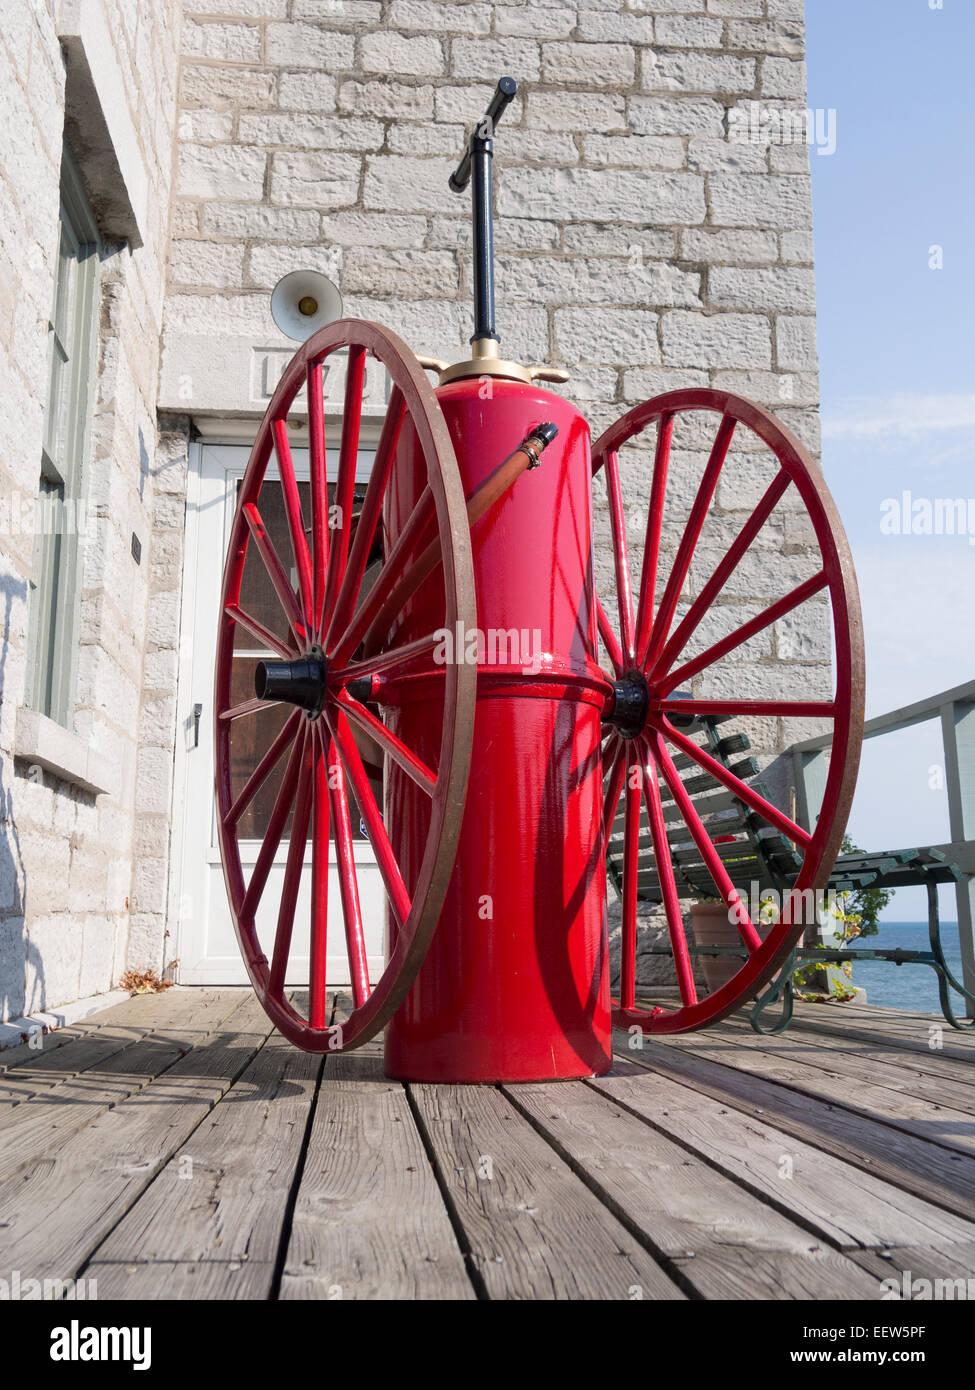 Antiche attrezzature antincendio in rosso. Antico canto pressione pompata serbatoio su ruote per la lotta contro Immagini Stock